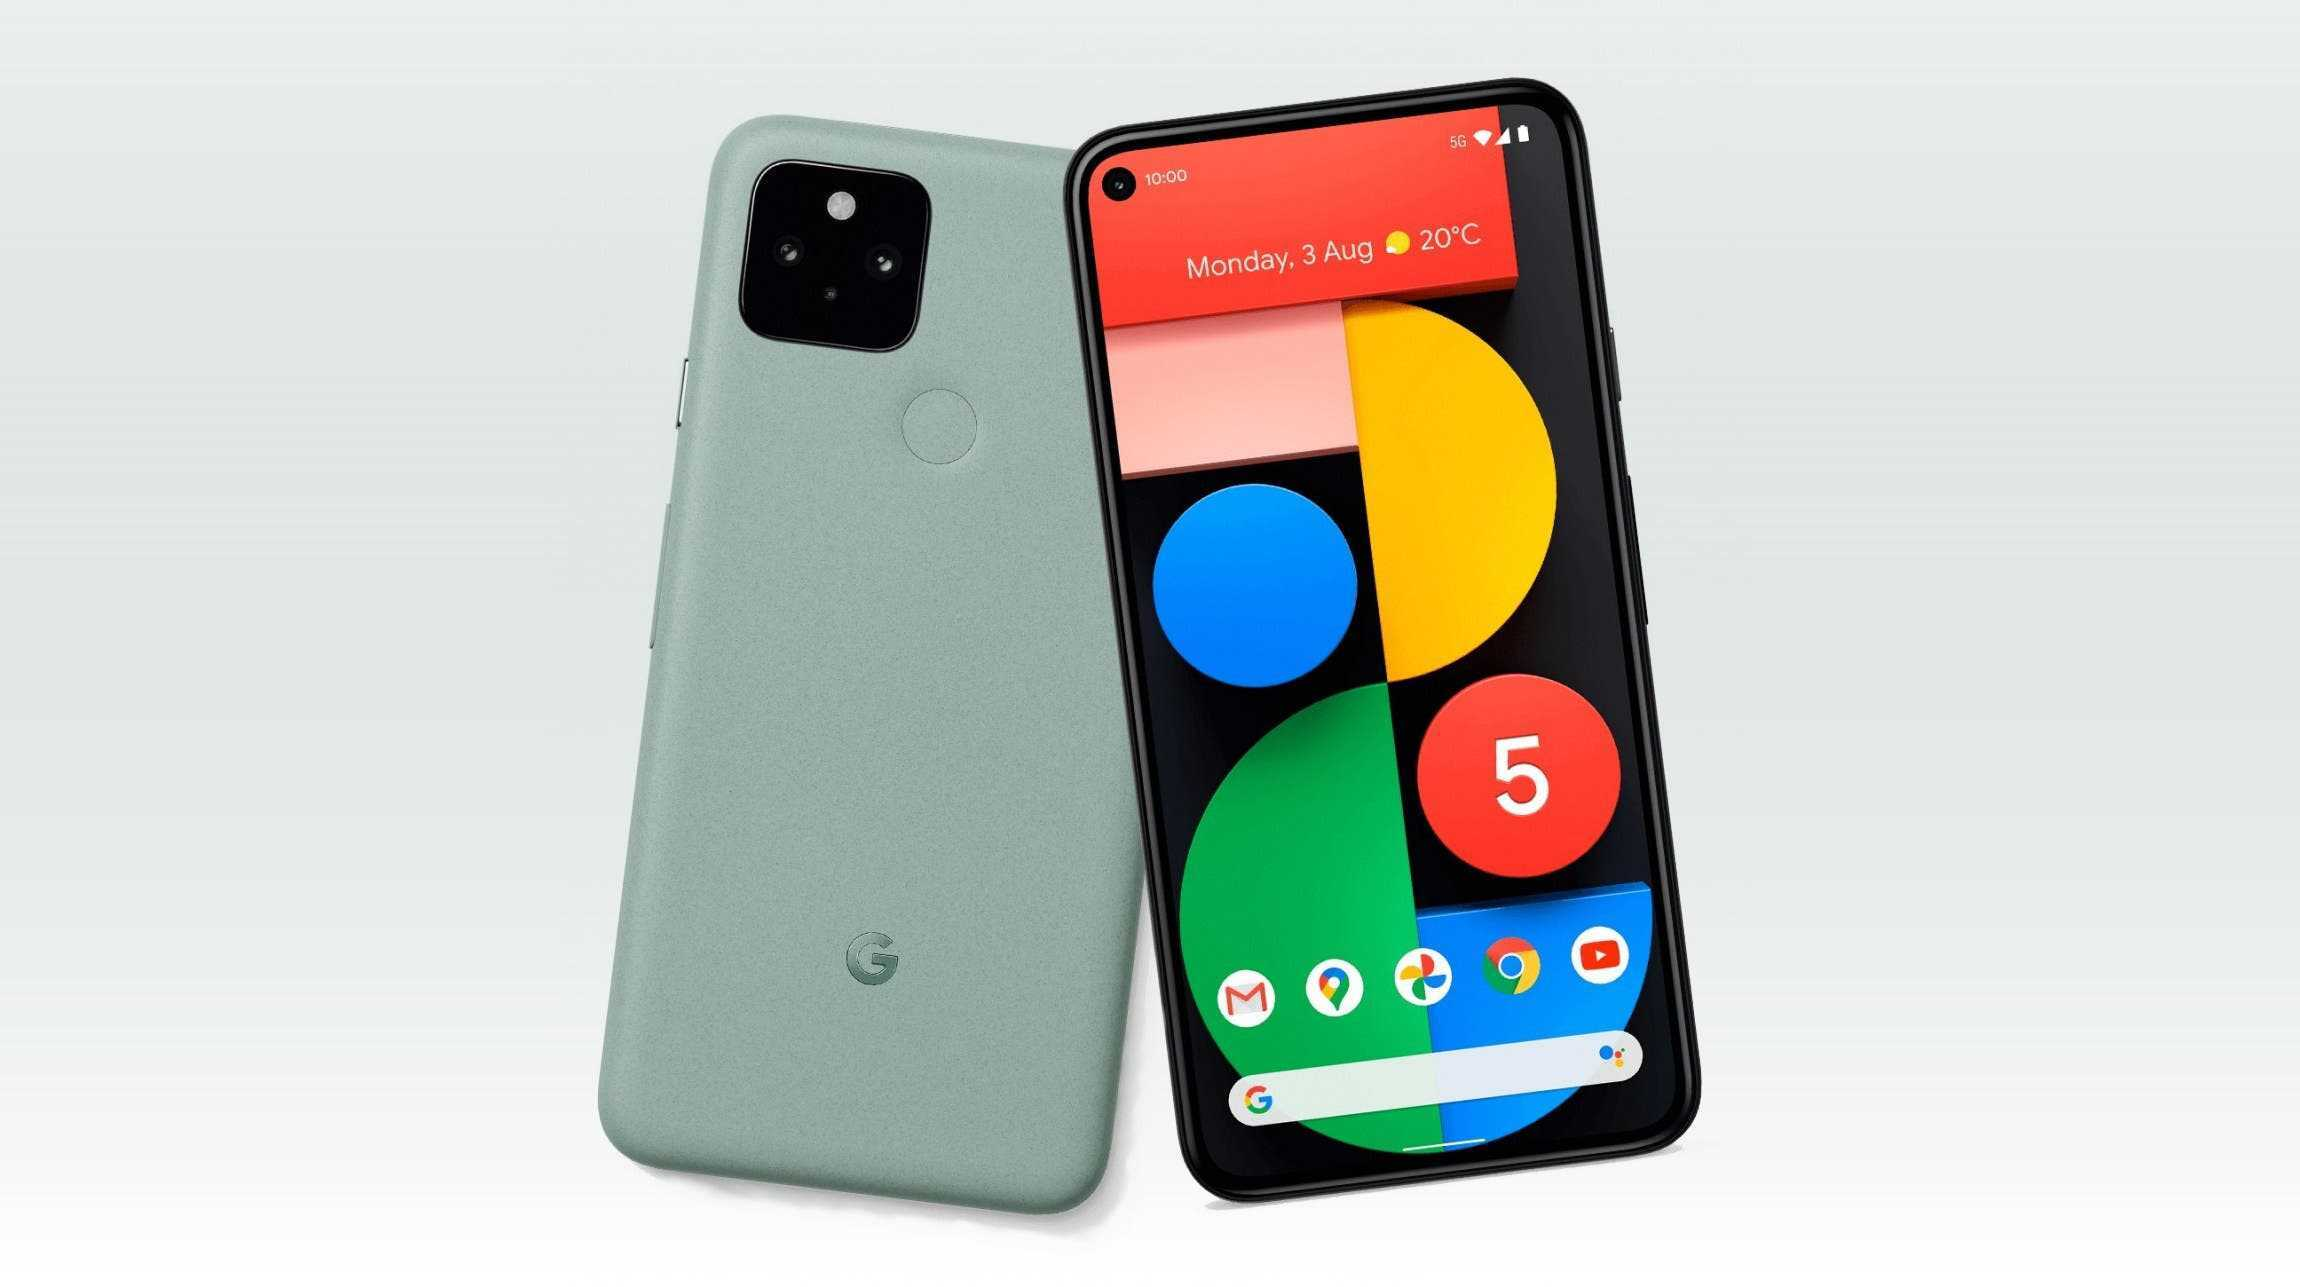 В новом смартфоне Google сломалась бесконтактная оплата